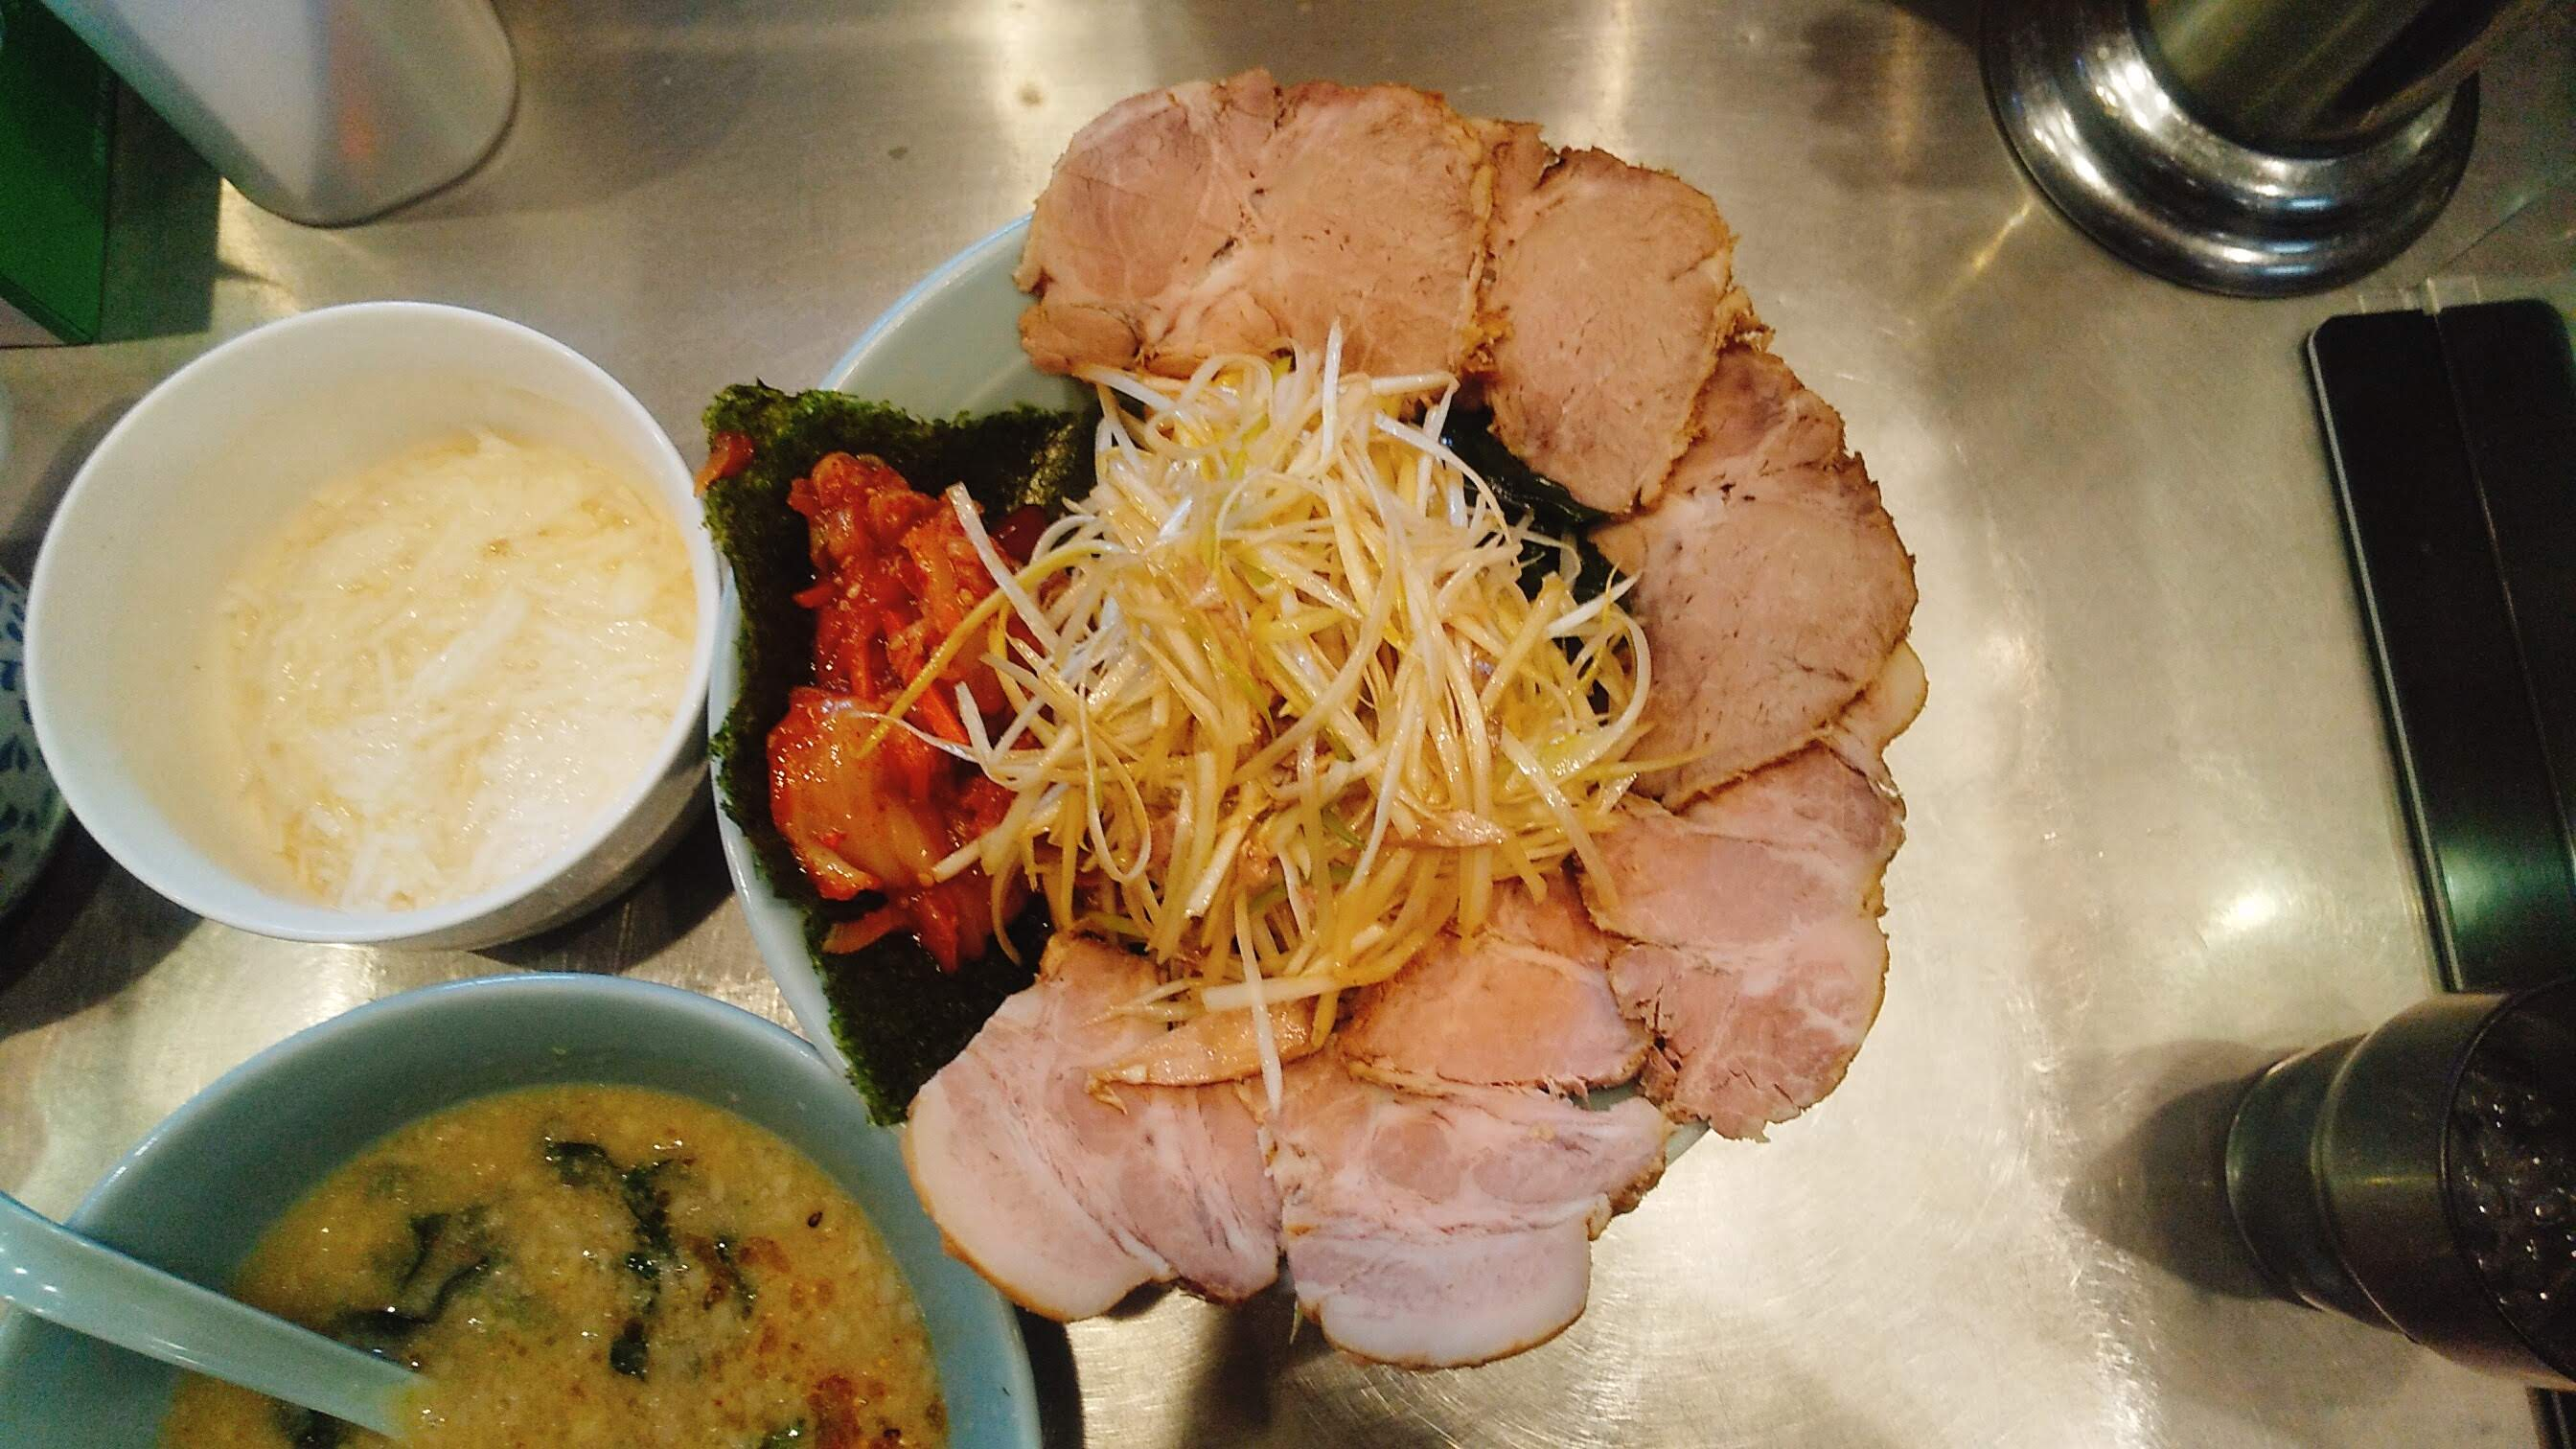 ラーメンショップ新守谷店のネギトロチャーシューキムチつけ麺の麺皿の写真